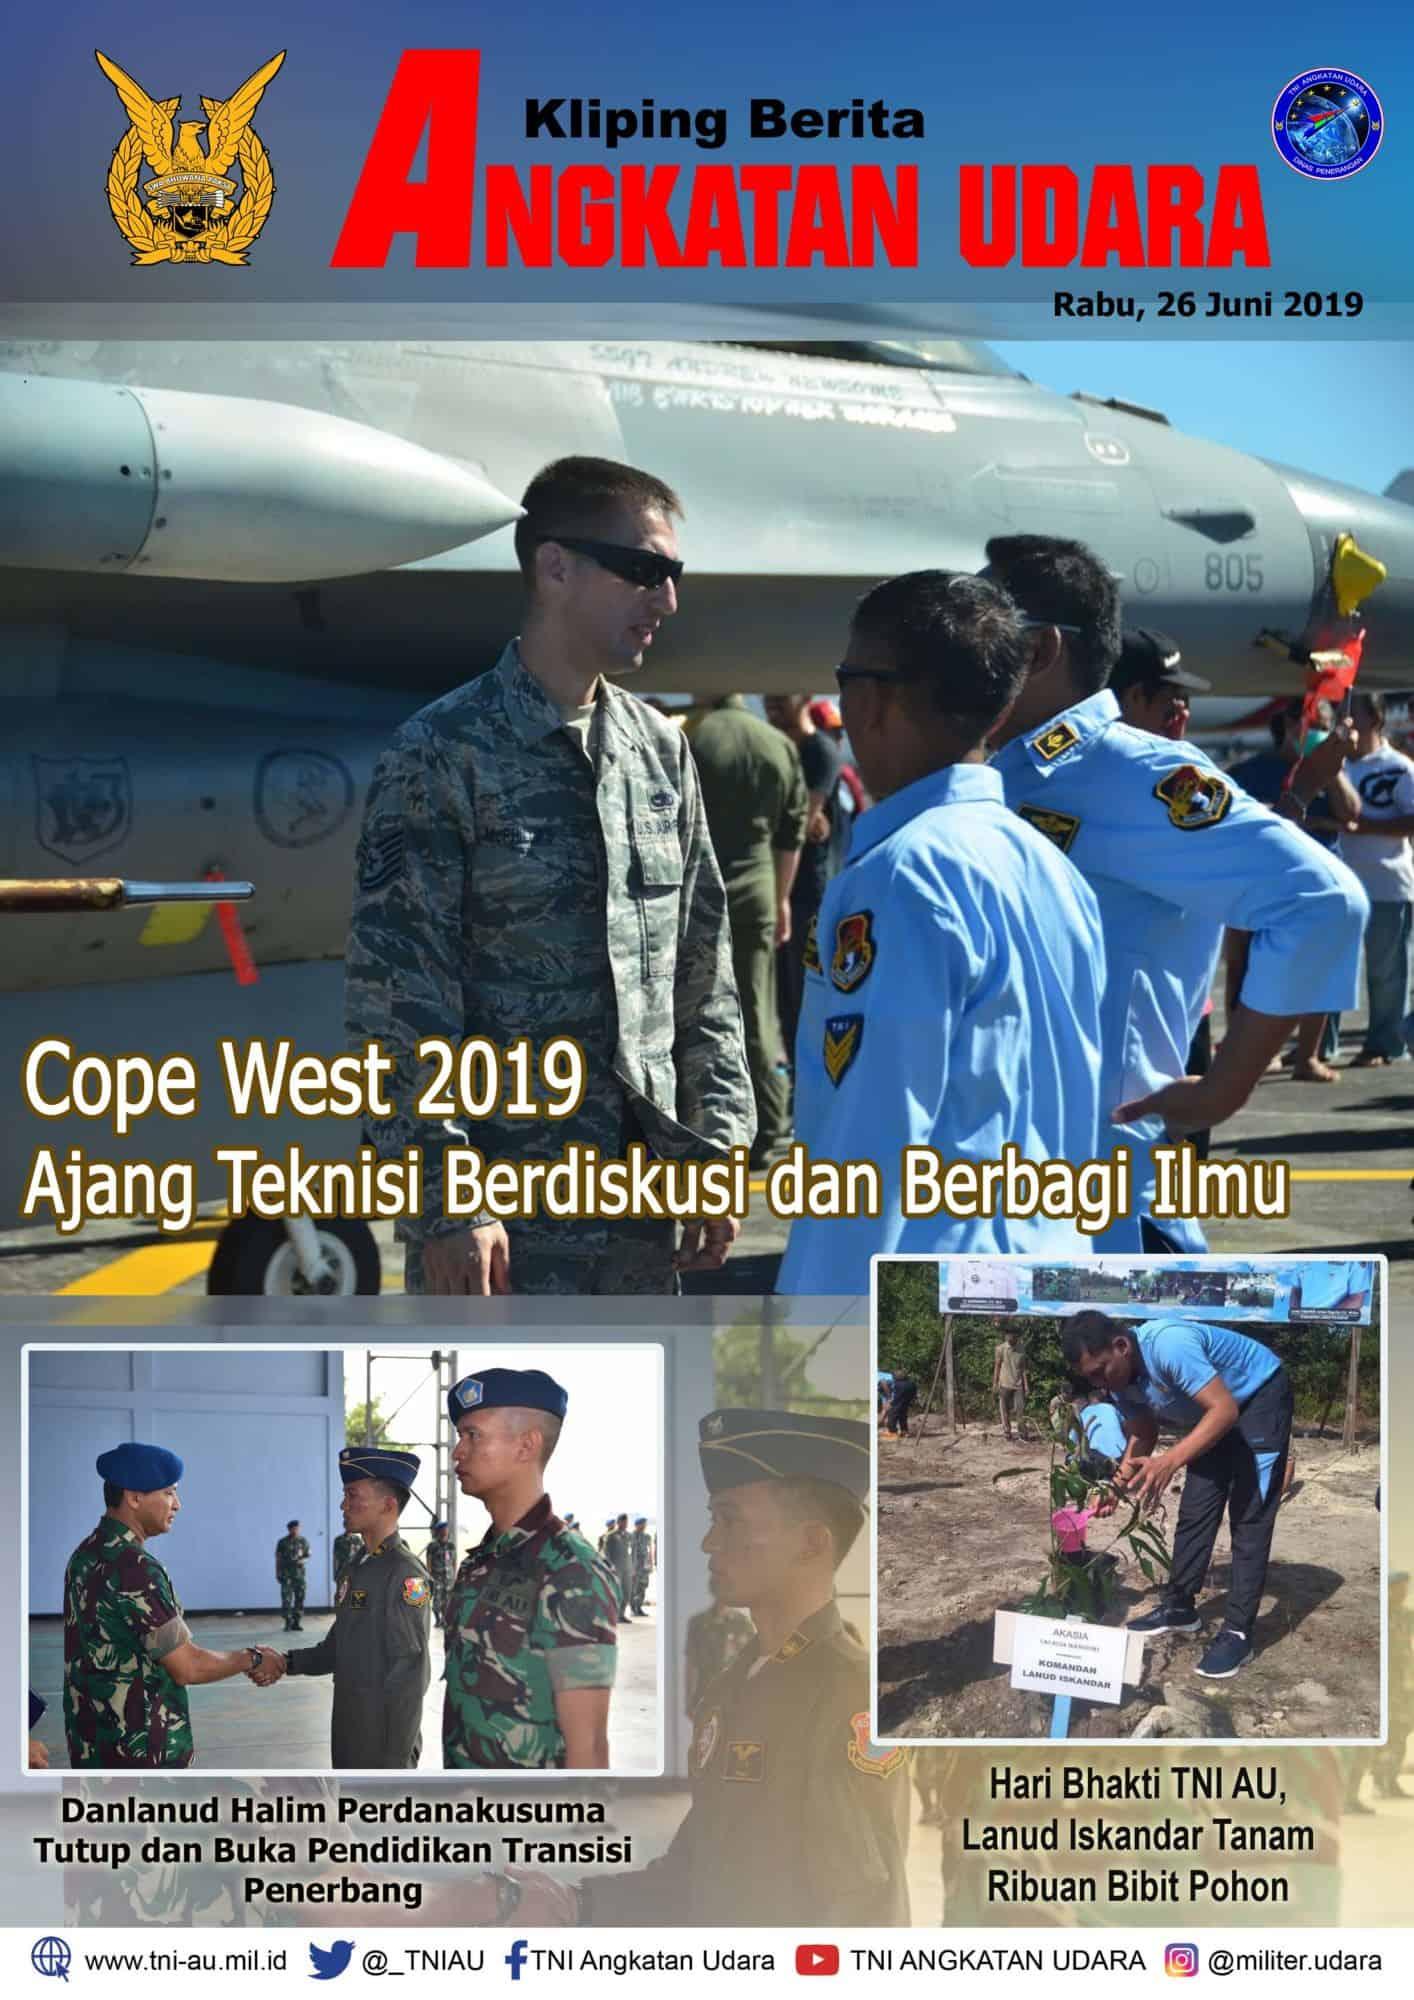 Kliping Berita Media 26 Juni 2019